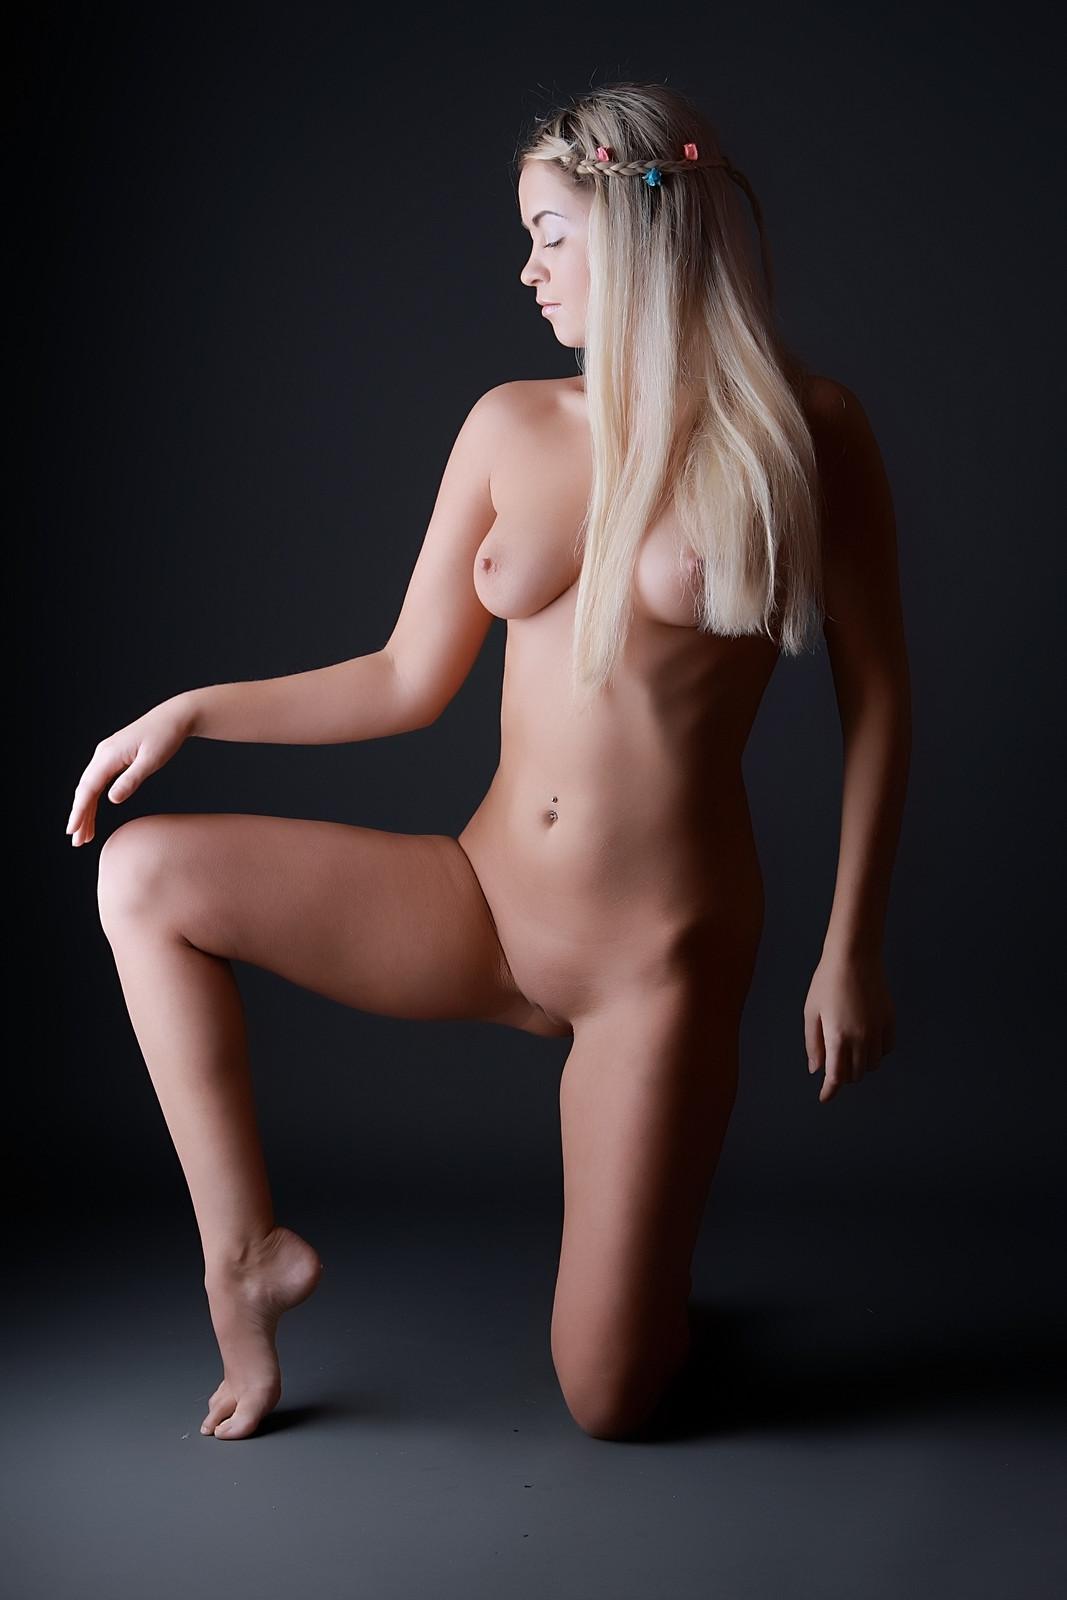 Nasty girl nudes